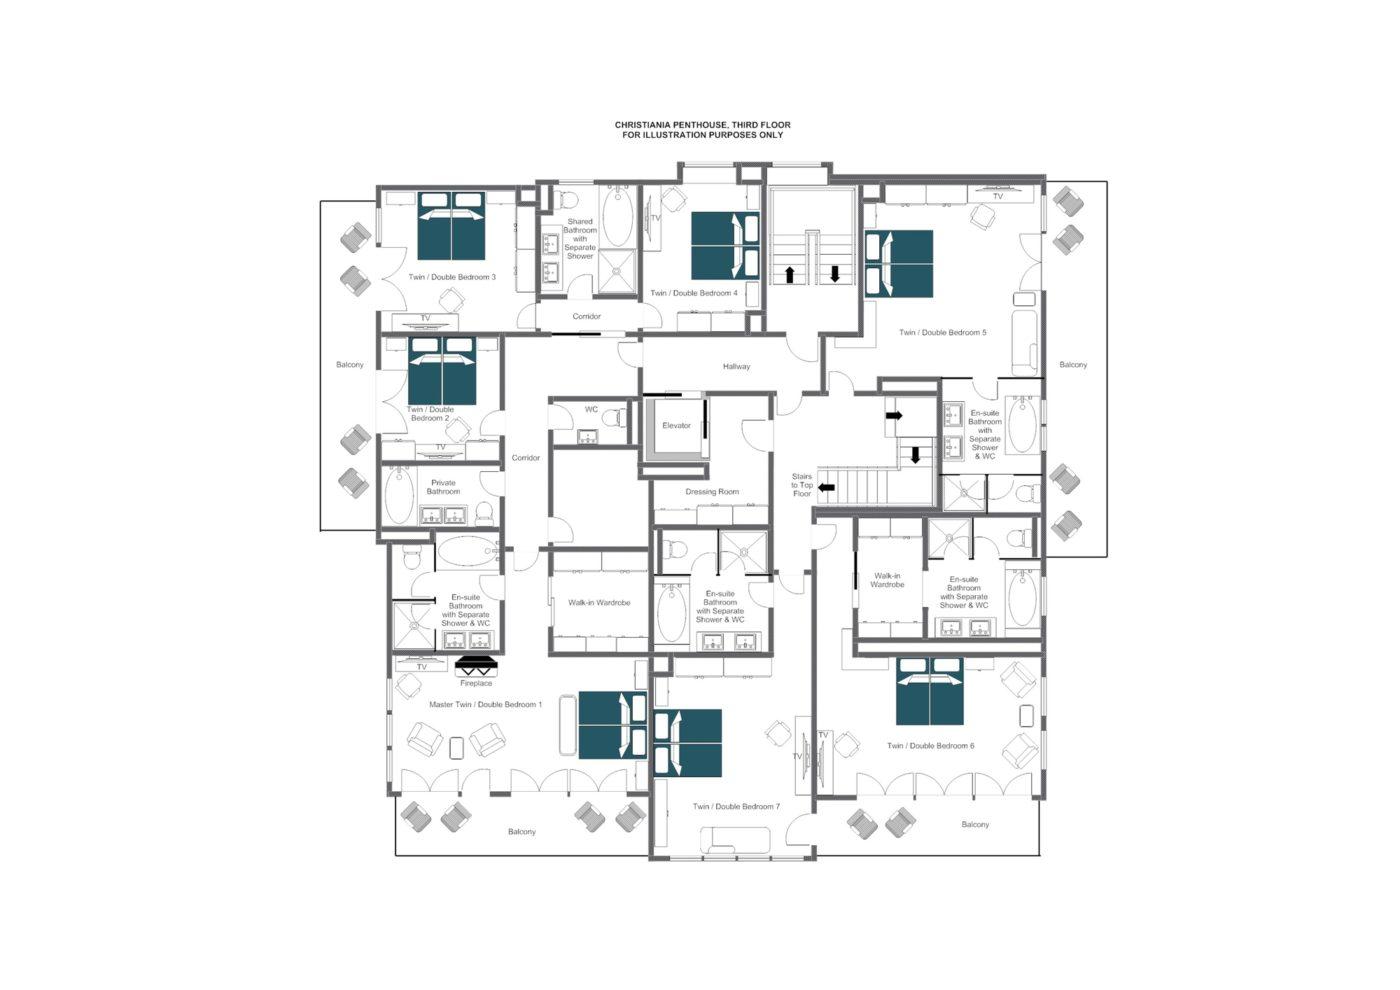 Christiania Residence Zermatt Floor Plan 2